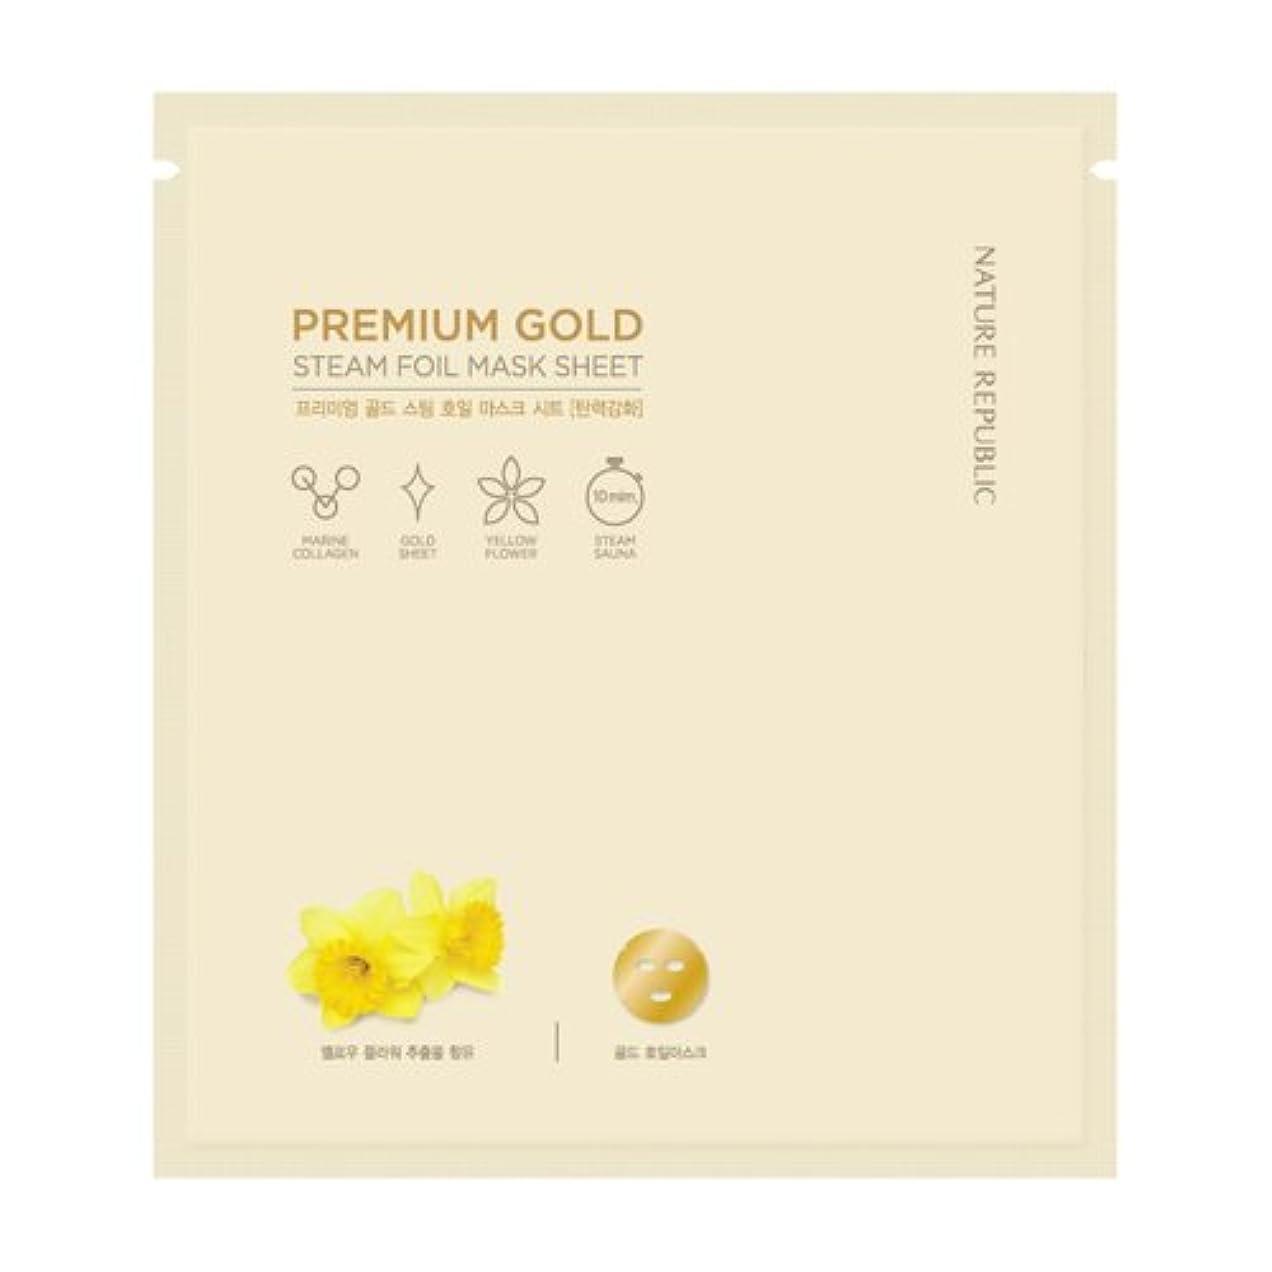 くつろぐパイント不足Nature Republic Premium Gold Steam Foil Mask Sheet [5ea] ネーチャーリパブリック プレミアムゴールドスチームホイルマスクシート [5枚] [並行輸入品]